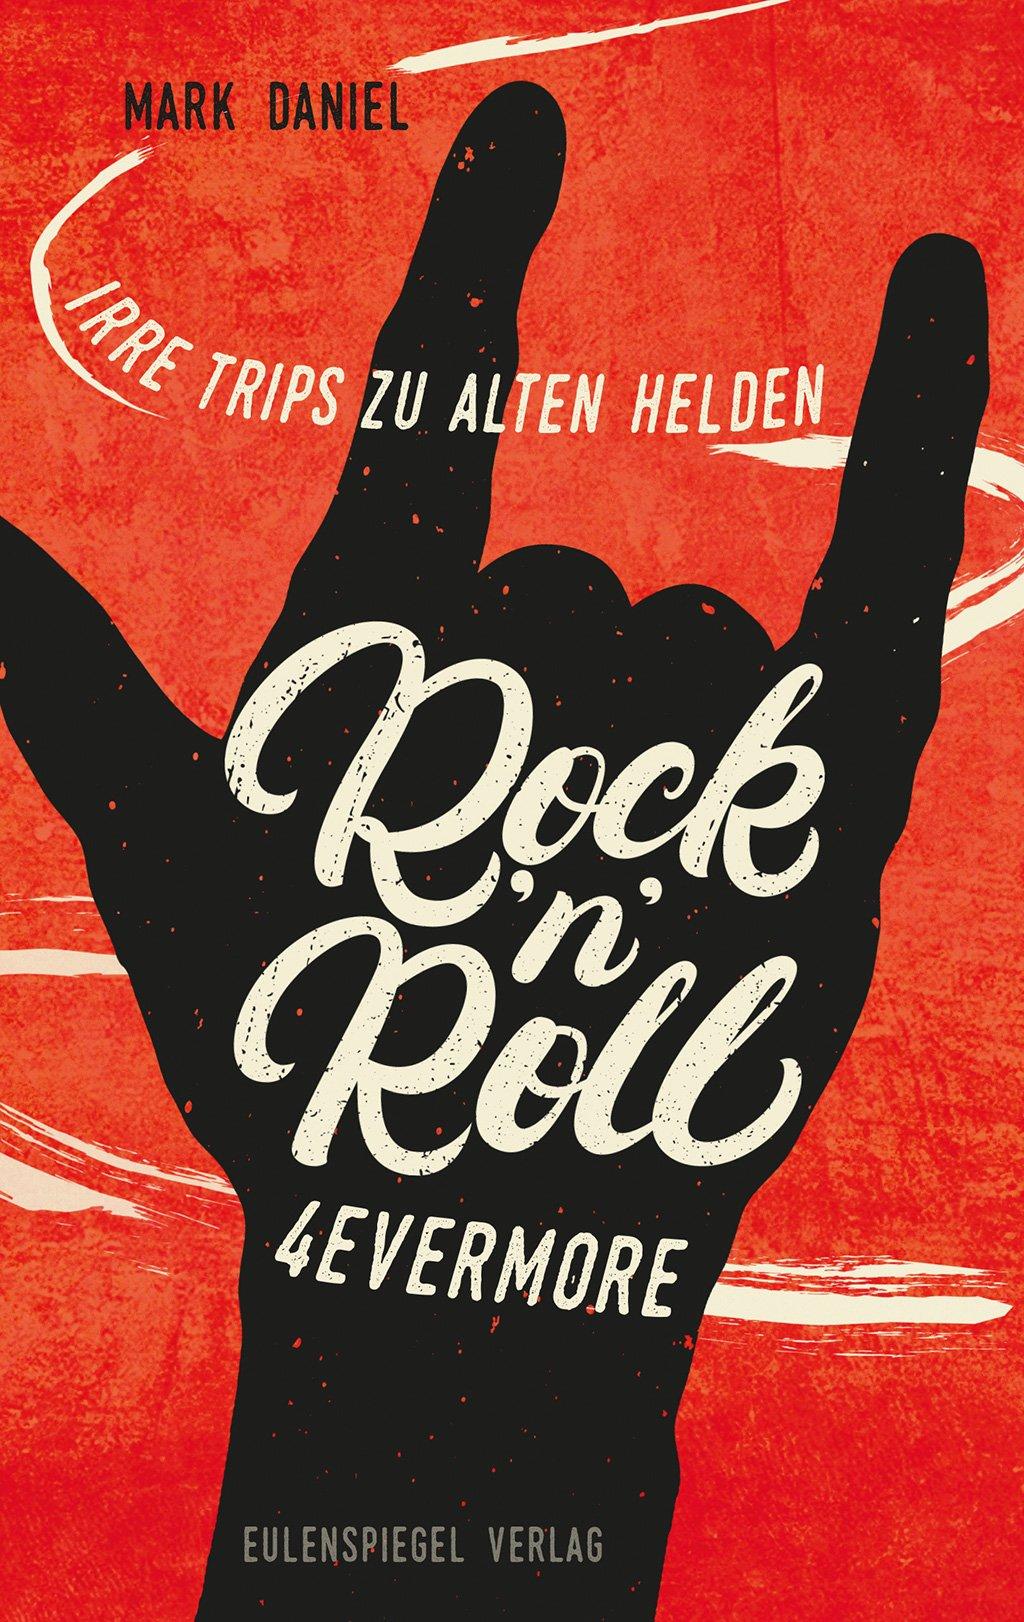 Rock'n'Roll 4evermore: Irre Trips zu alten Helden